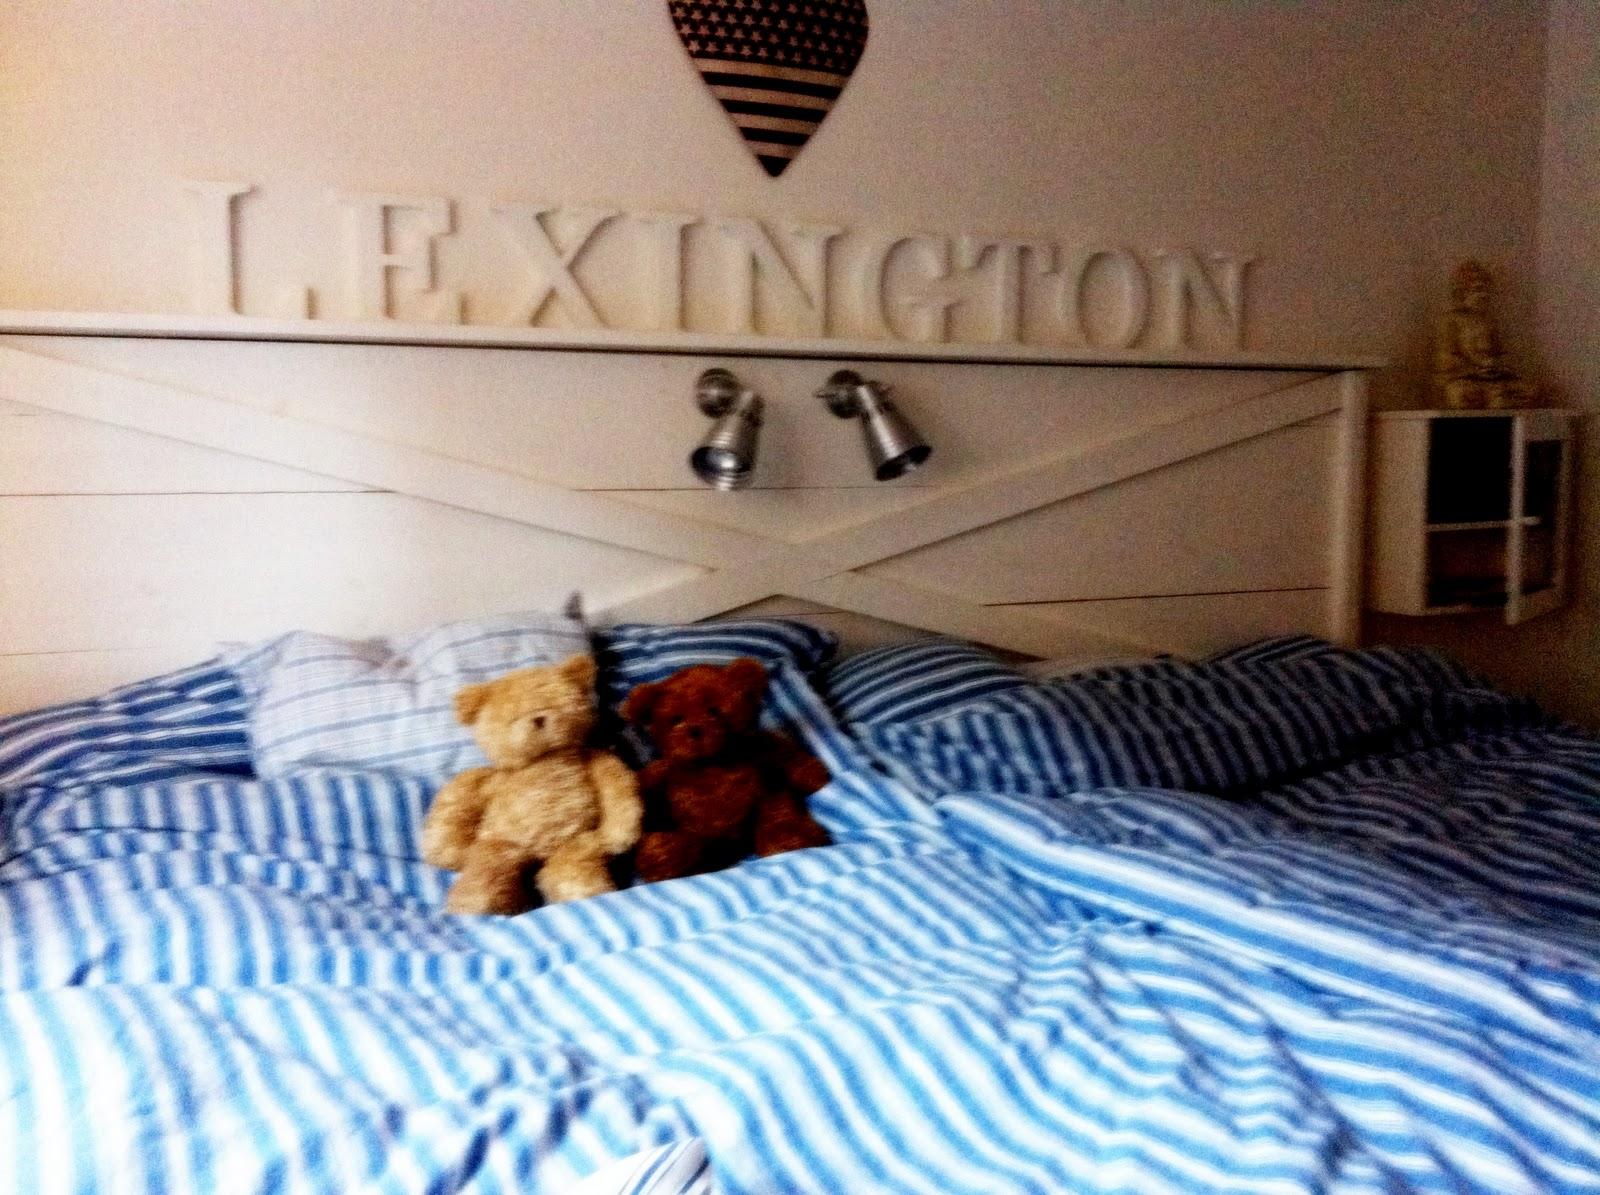 Andrummen Sänggavel från Ocean House, Lexington Sovrum med harmoni!